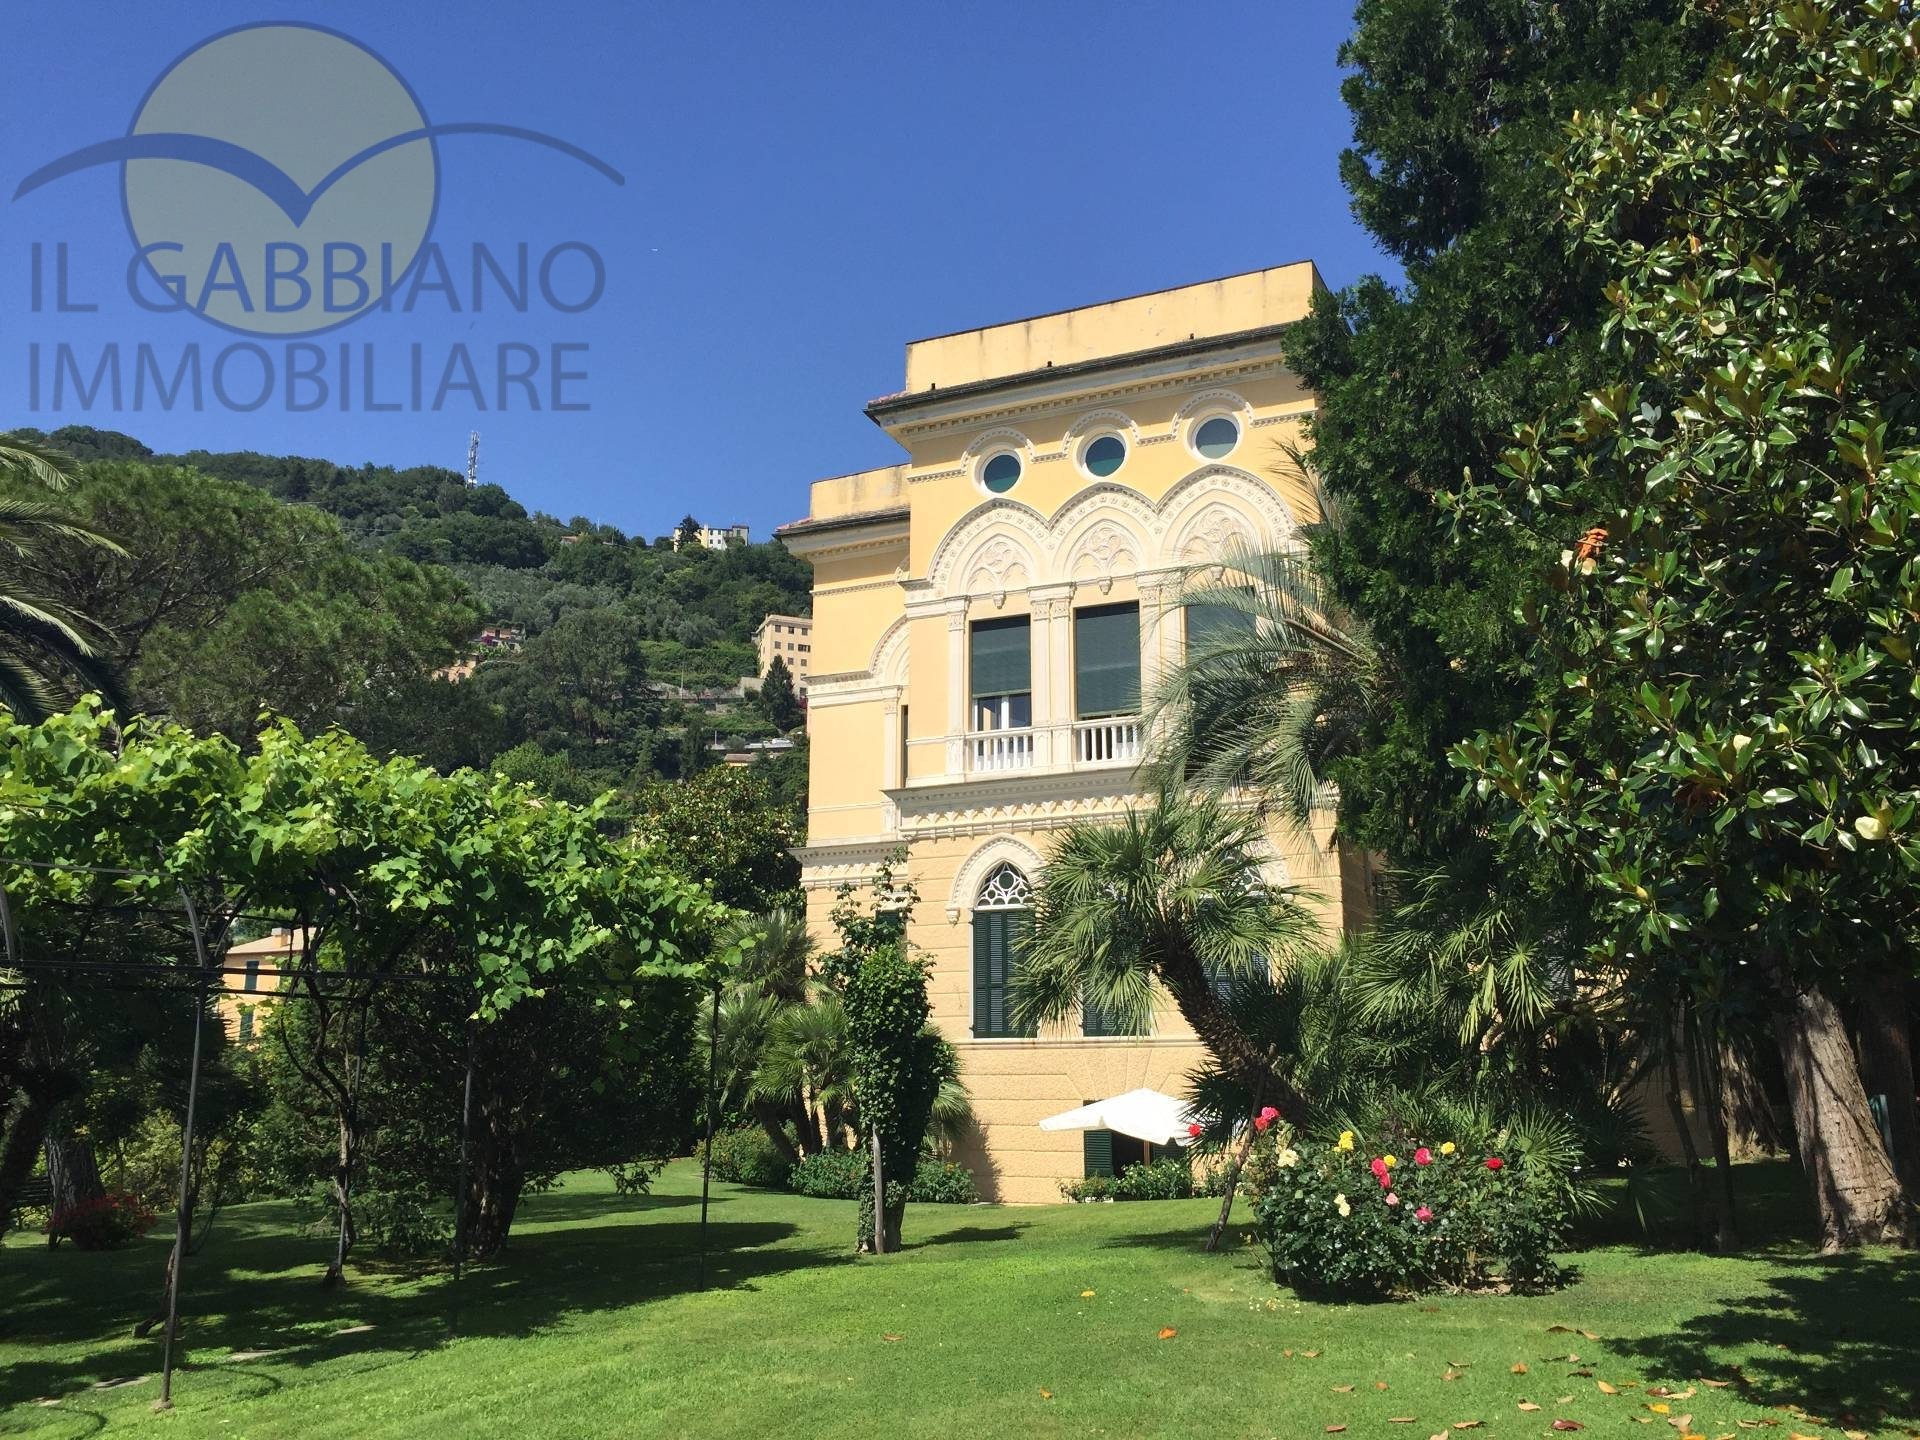 Appartamento in affitto a Camogli, 6 locali, zona Località: Boschetto, prezzo € 1.600   Cambio Casa.it